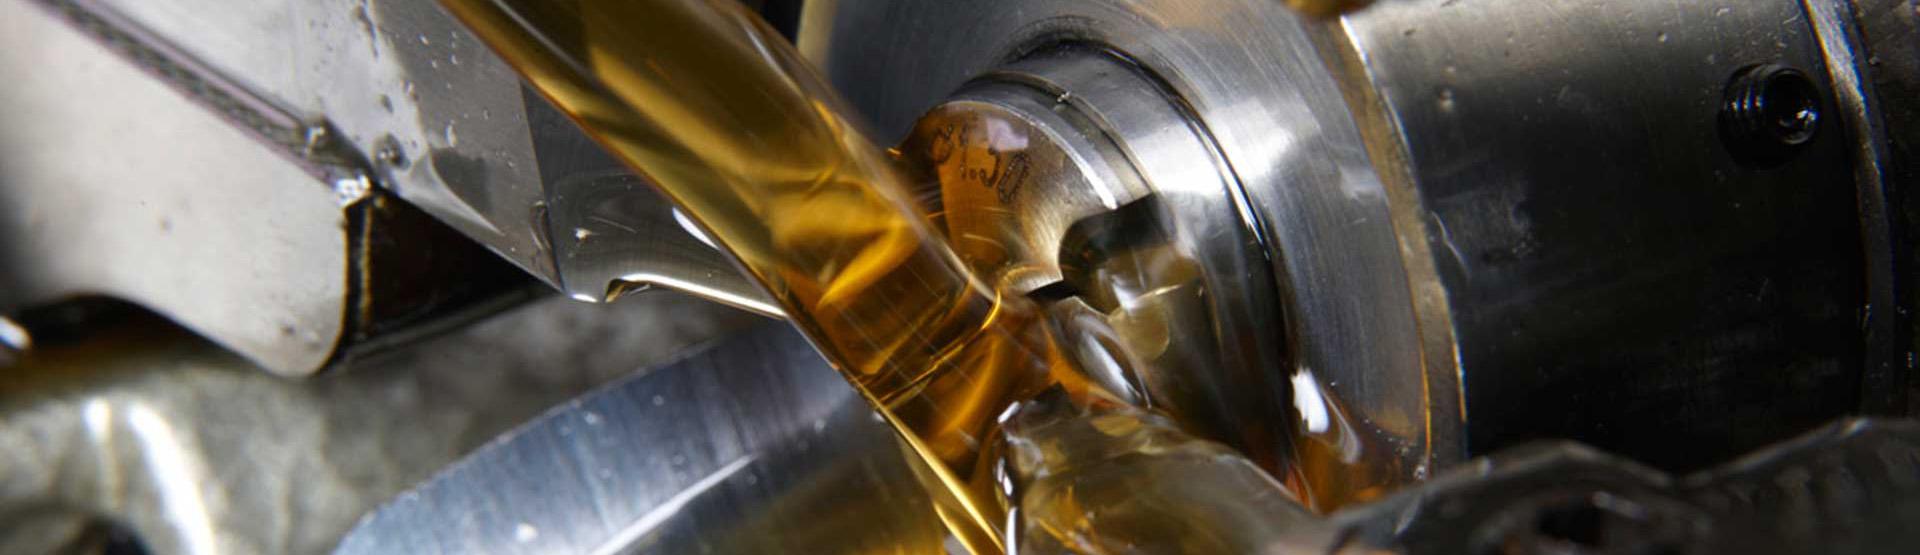 Les lubrifiants usinage outils de productivite_huile entiere blaser